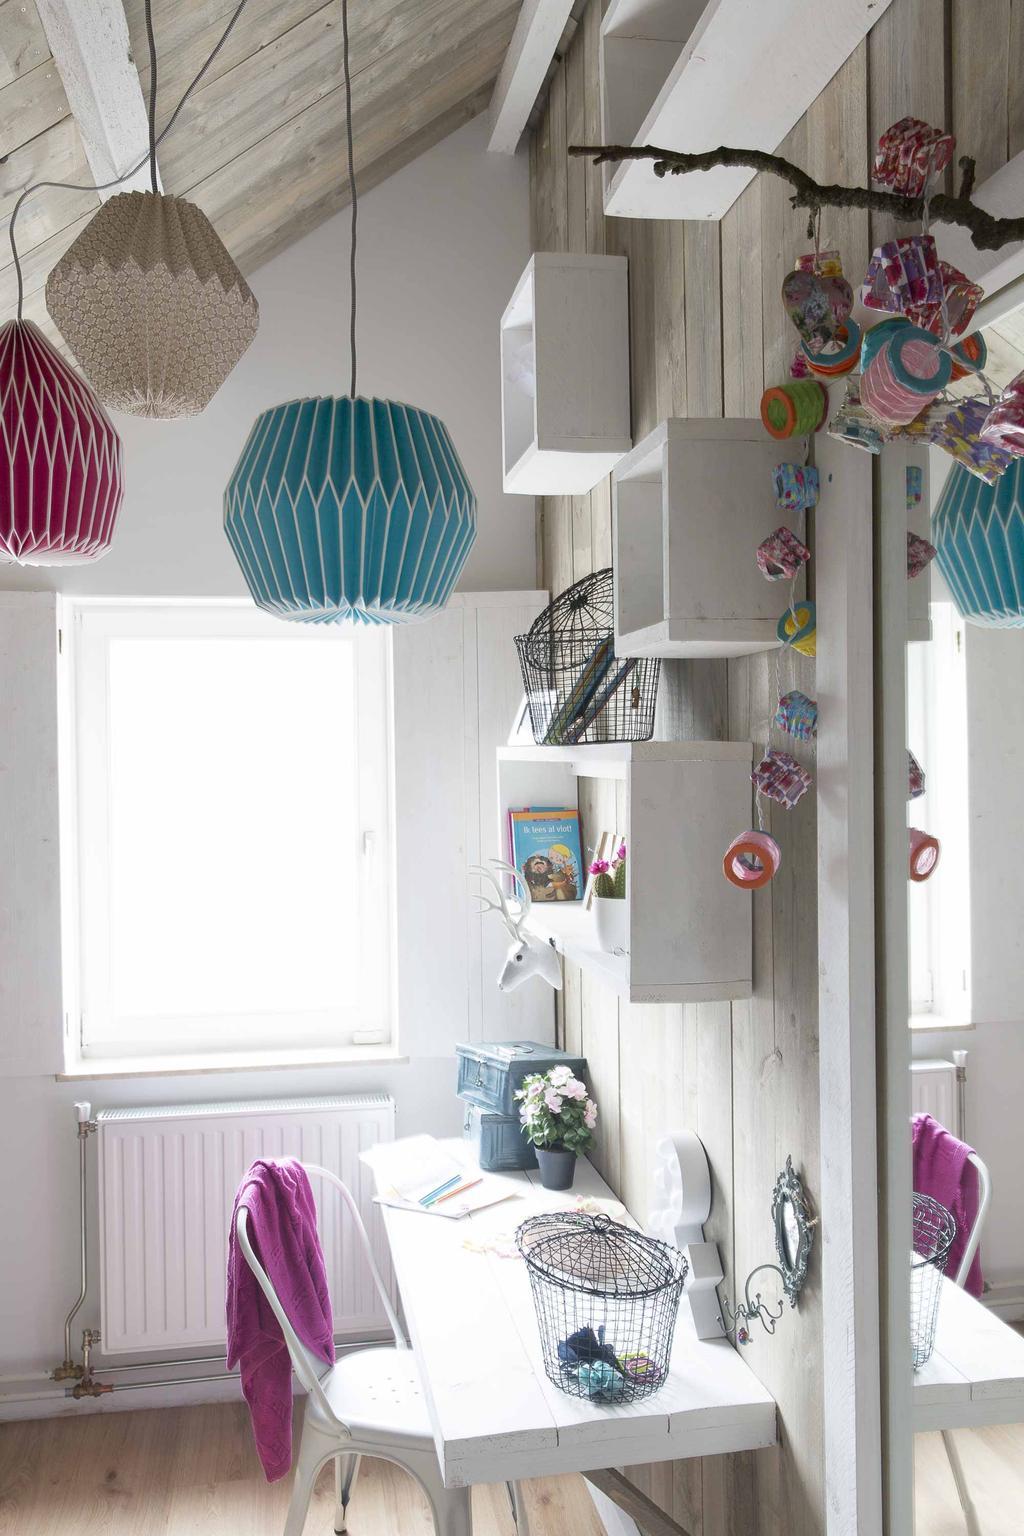 Kinderkamer met kleurige elementen